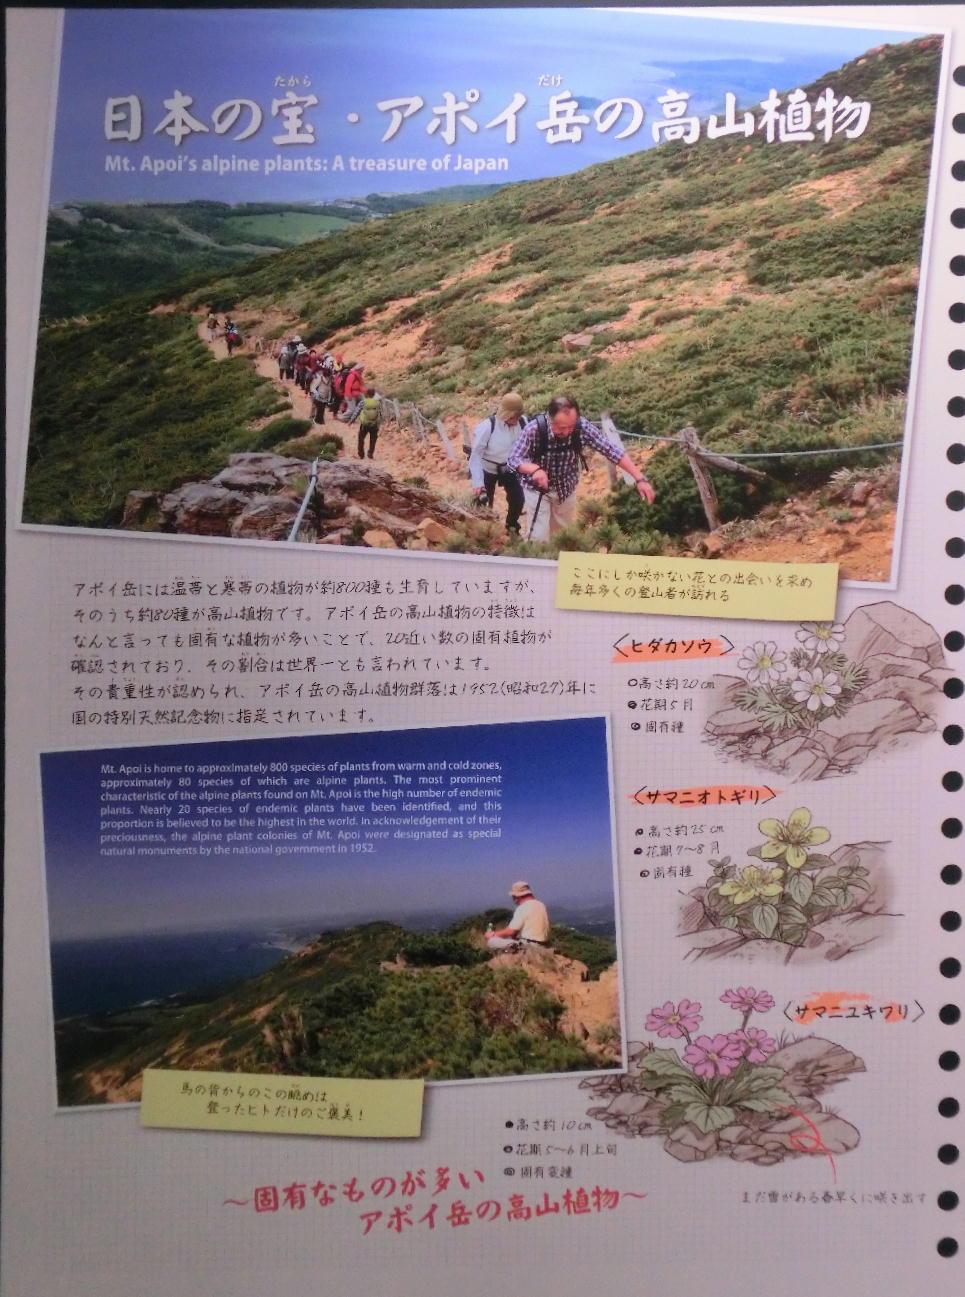 シノリガモ  アポイ岳の高山植物に逢う前に。 2014.5.25北海道04_a0146869_22143134.jpg